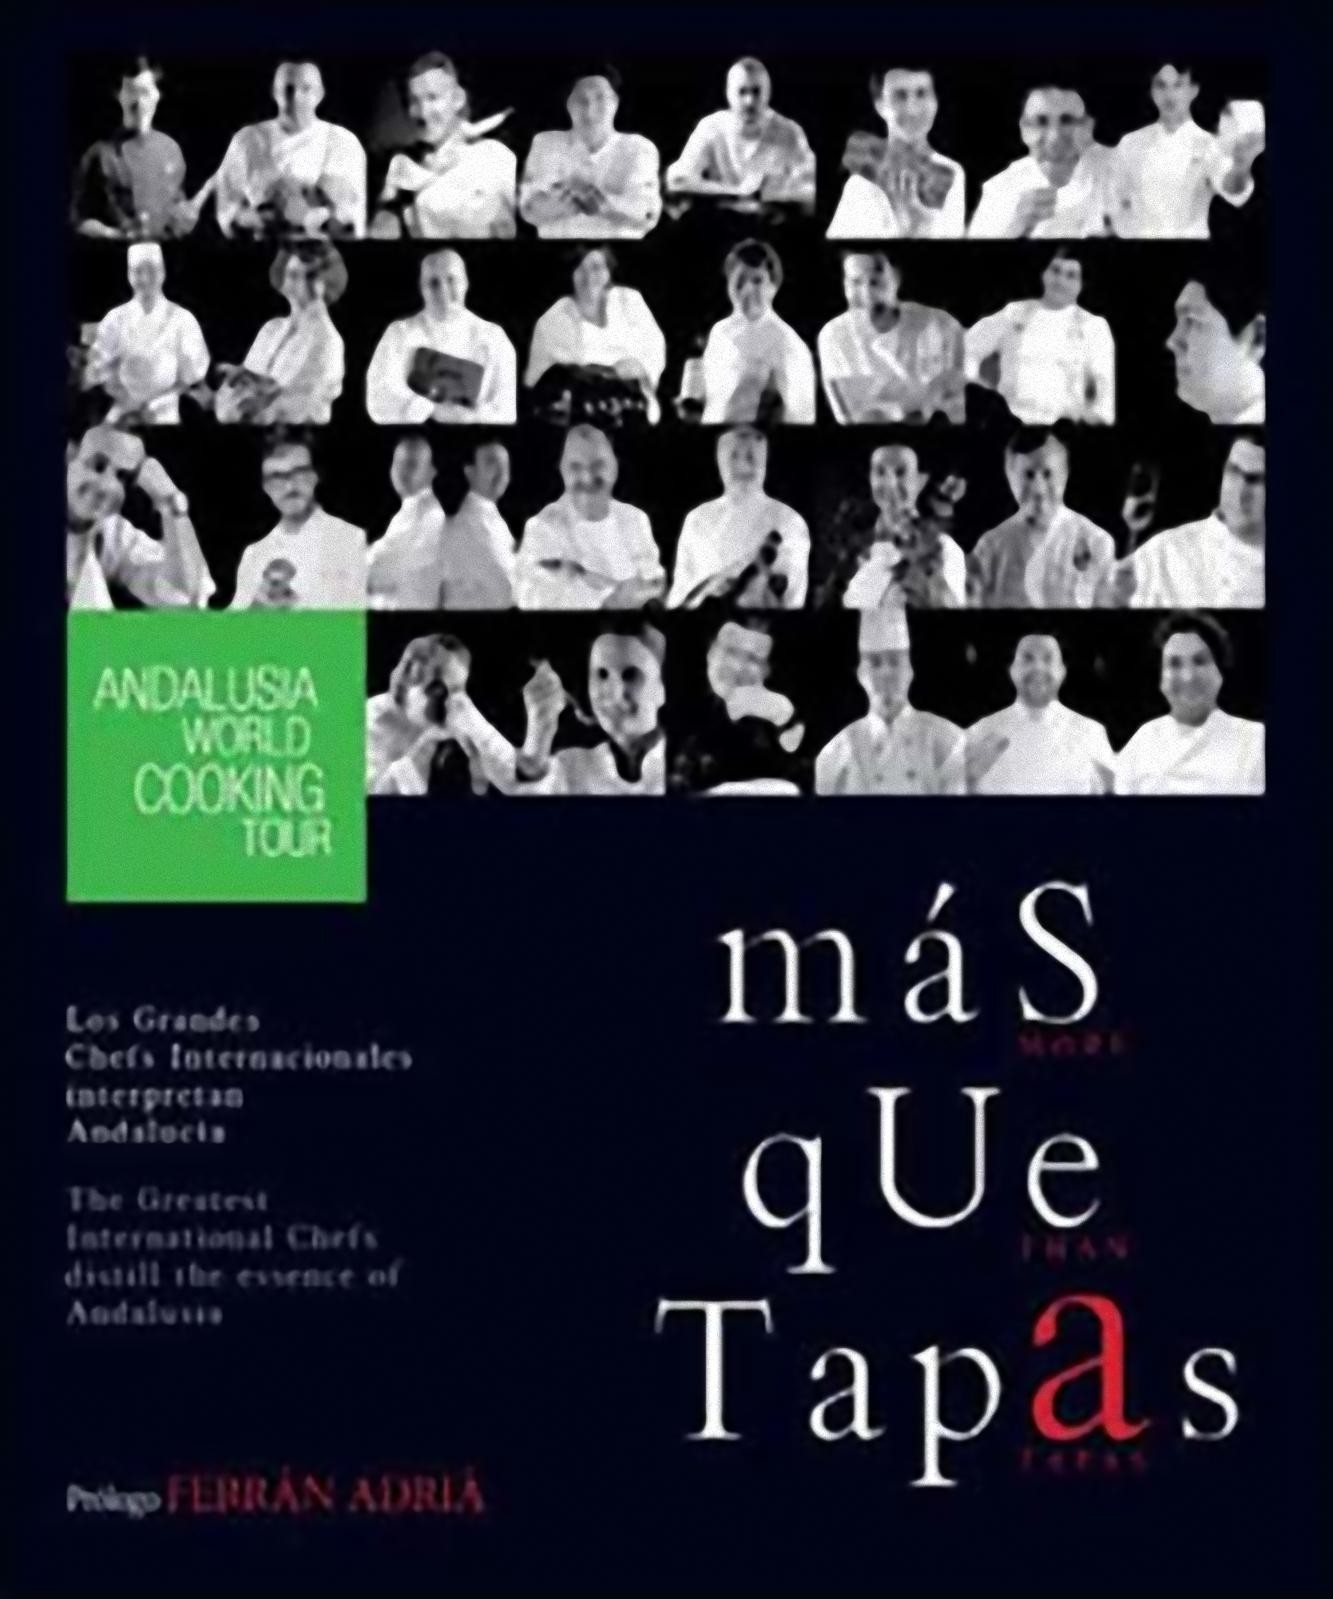 Más que tapas, los grandes chefs internacionales interpretan Andalucía